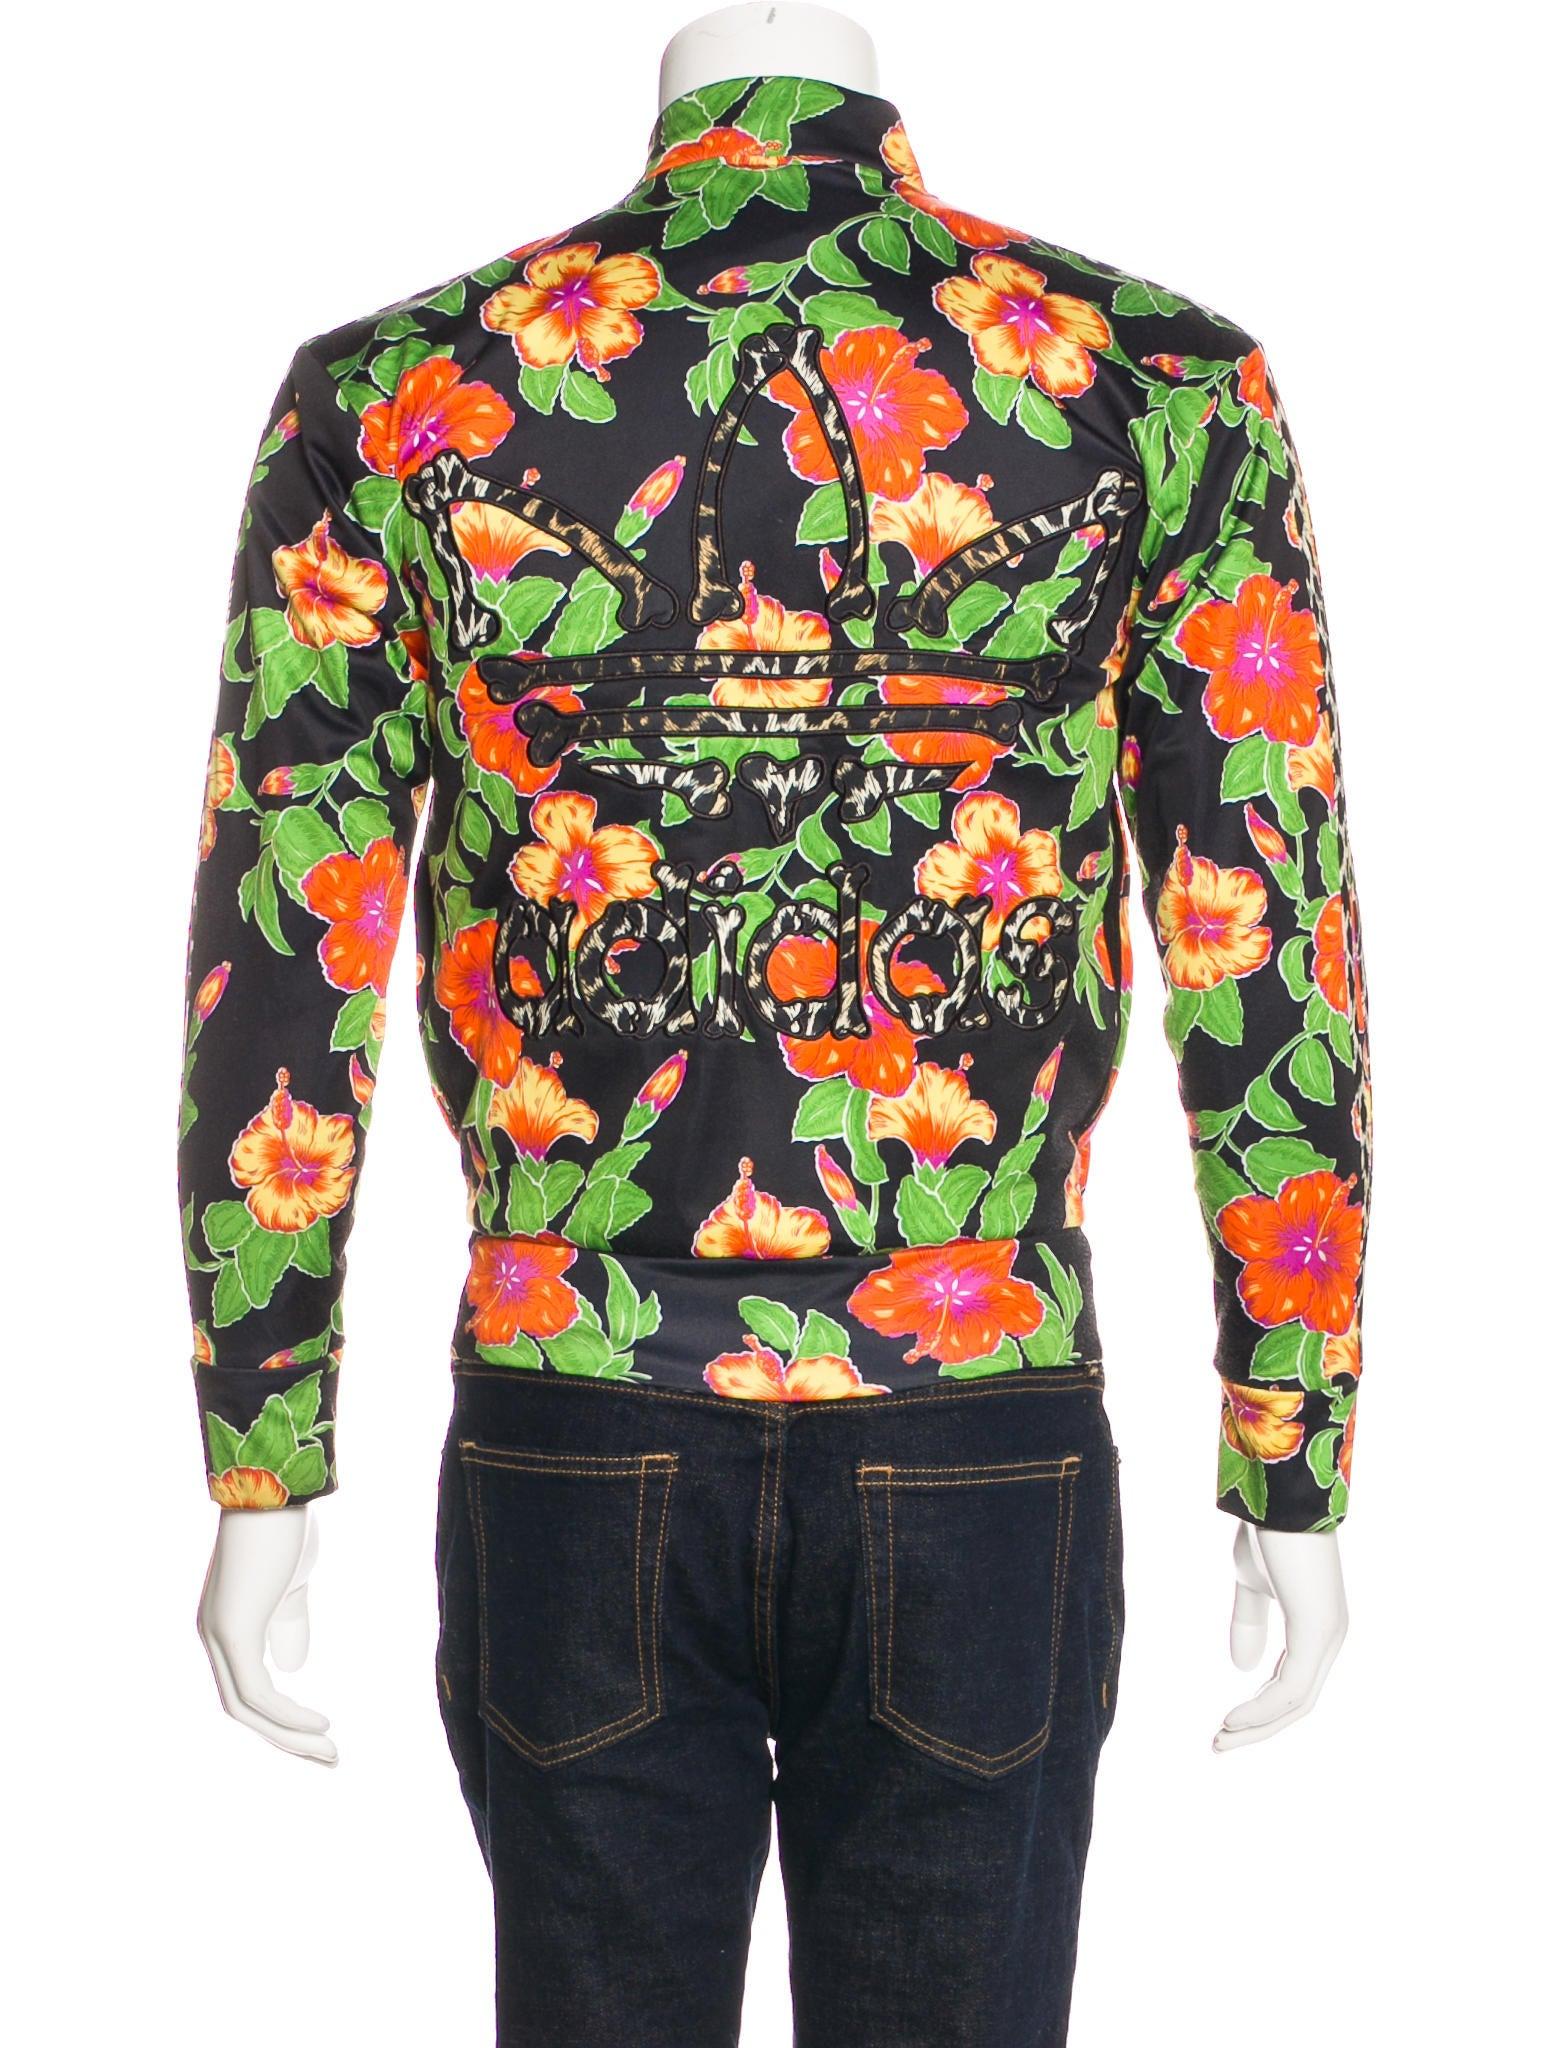 jeremy scott x adidas floral bone track jacket - clothing